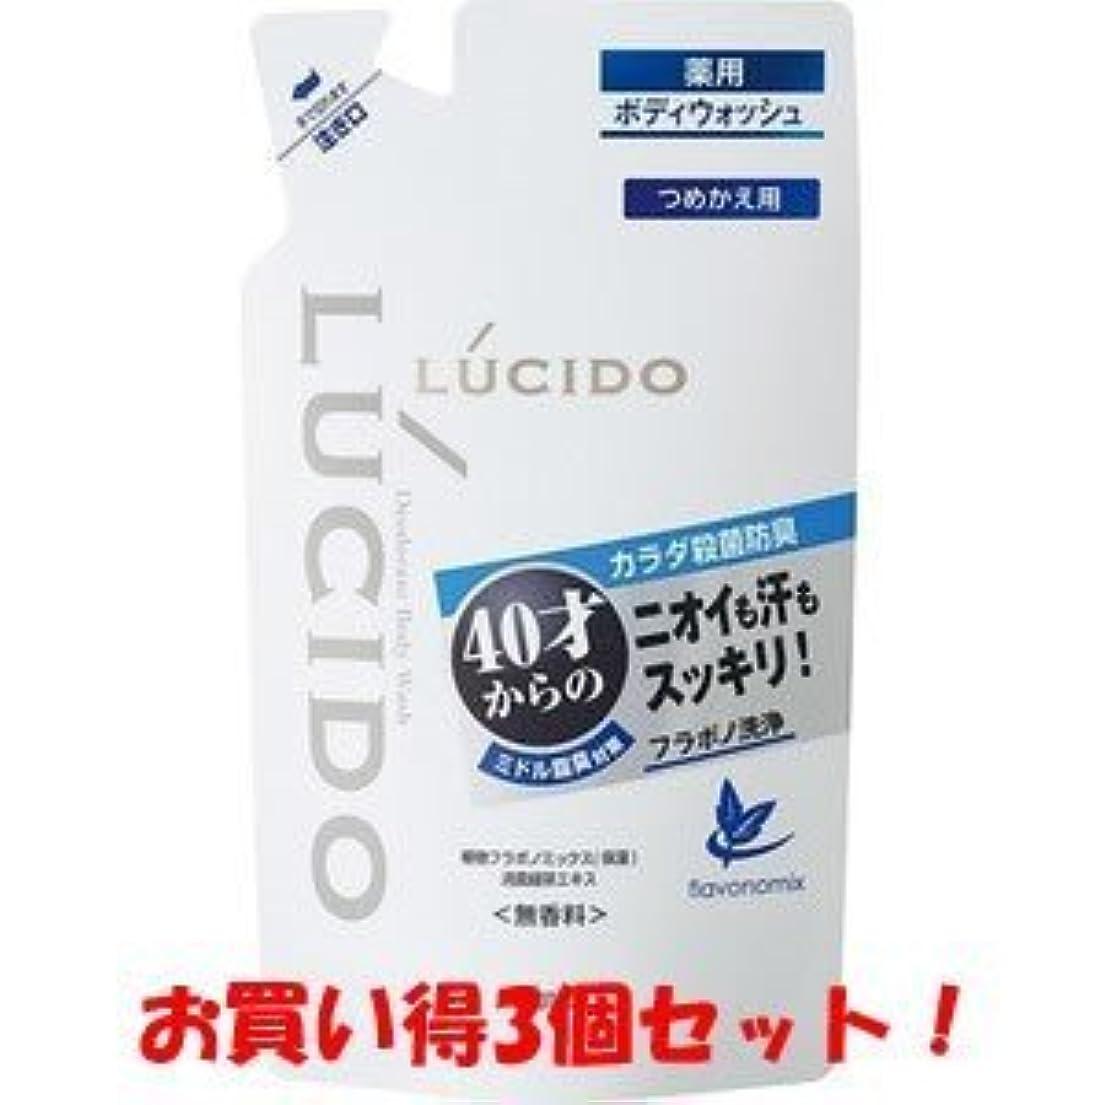 ブロックする成功したずんぐりした【LUCIDO】ルシード 薬用デオドラントボディウォッシュ つめかえ用 380ml(医薬部外品)(お買い得3個セット)